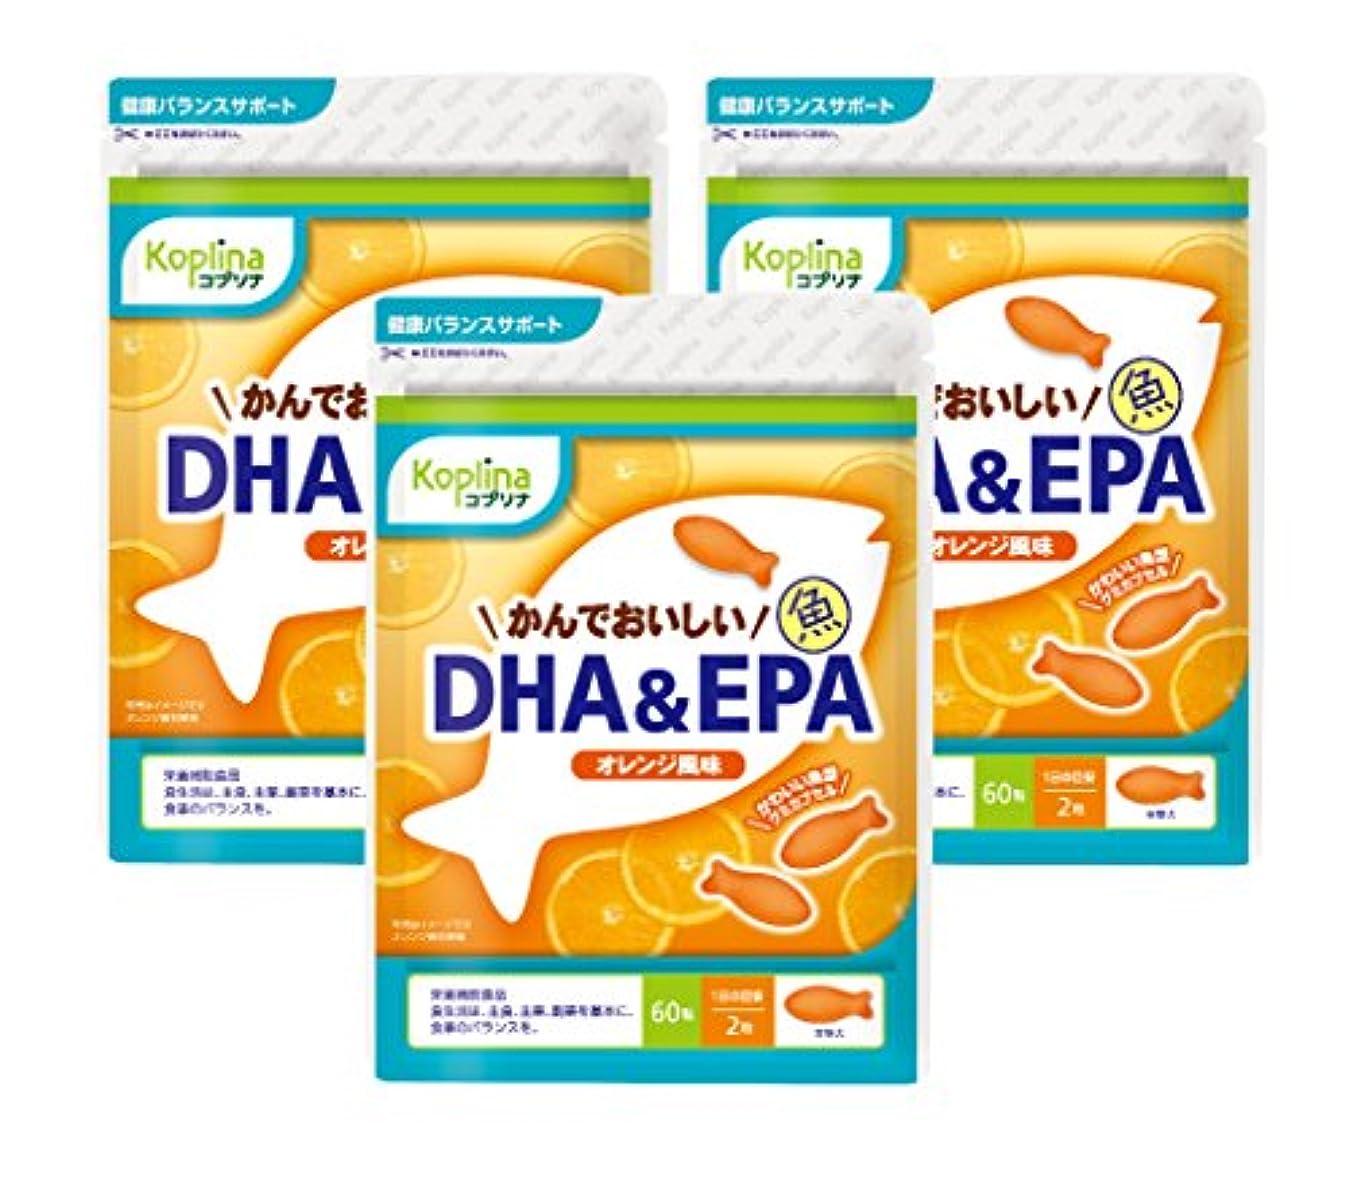 疑問を超えて国歌残酷かんでおいしい魚DHA&EPA 60粒(オレンジ風味)日本国内製造 チュアブルタイプ (1) (3)